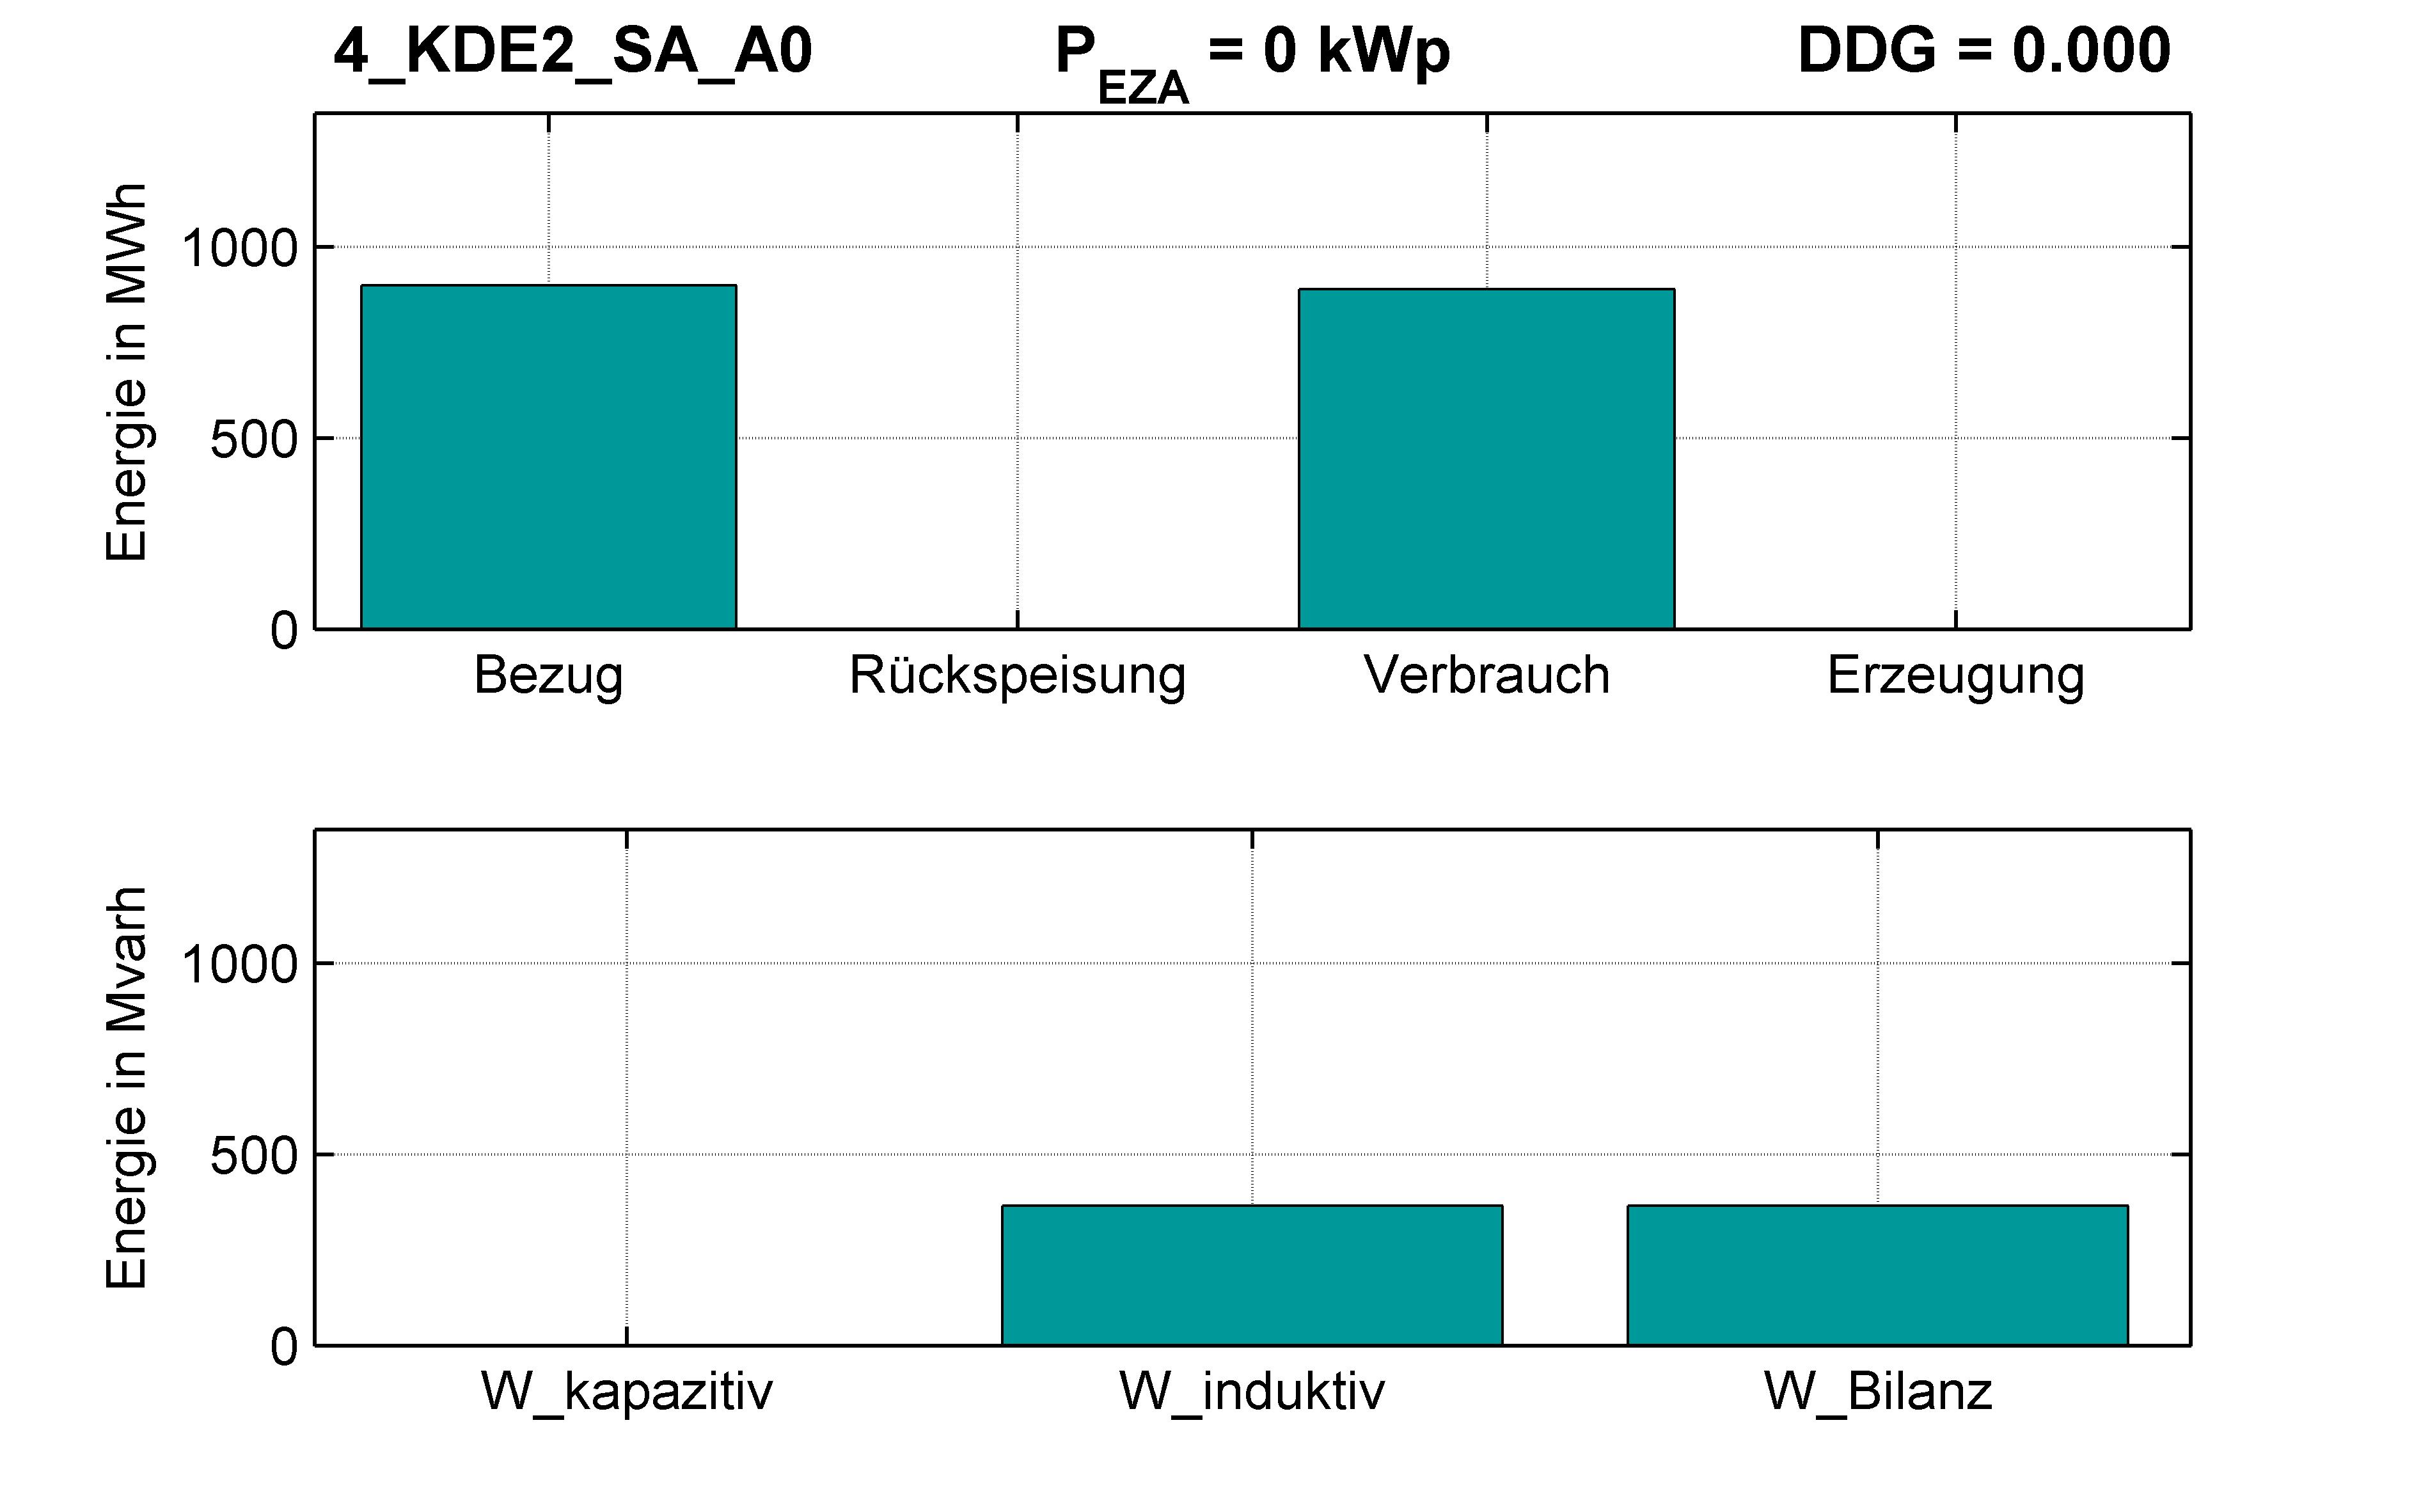 KDE2 | P-Kappung 55% (SA) A0 | PQ-Bilanz